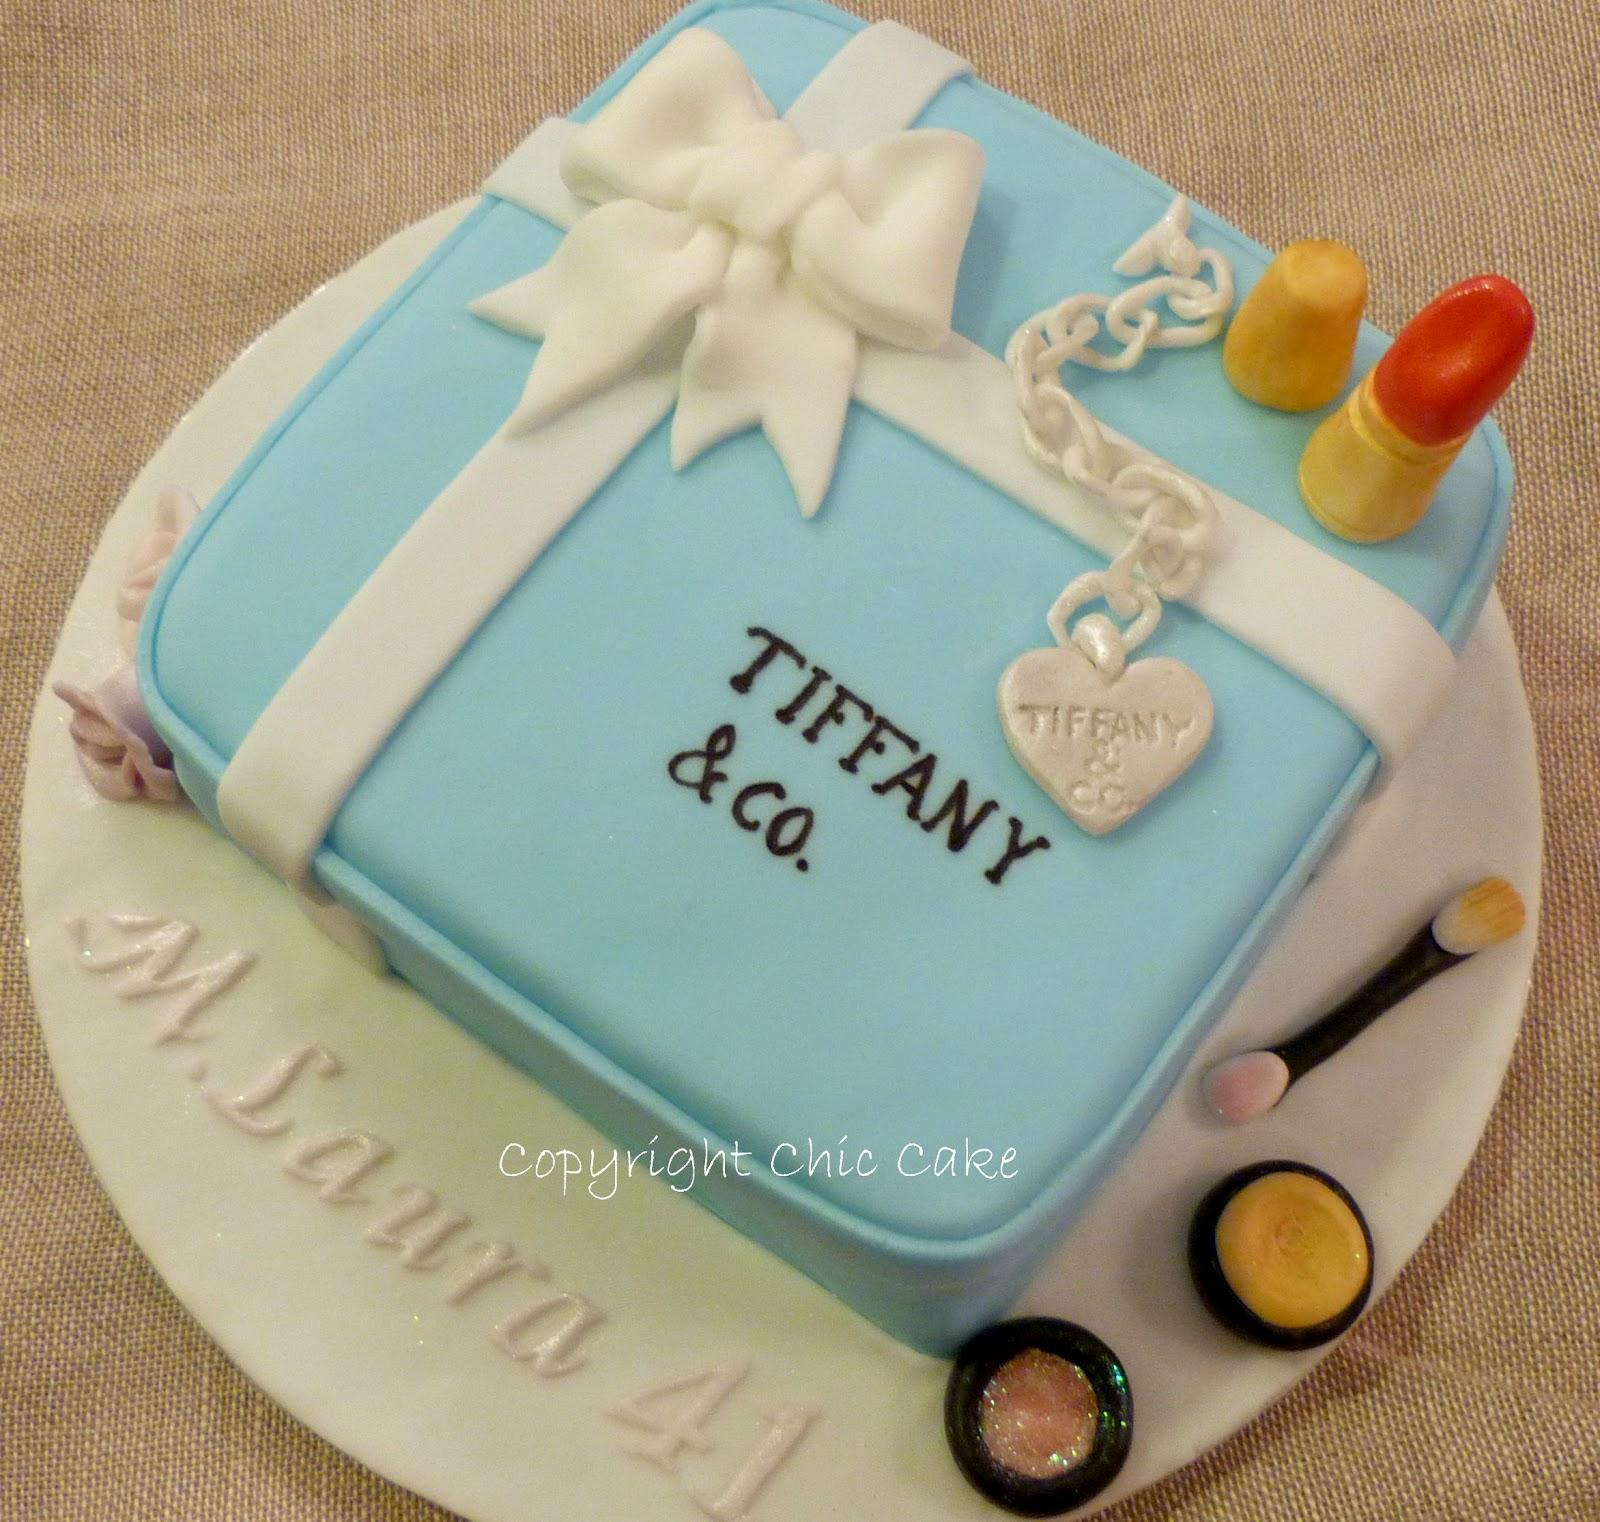 Corso Cake Design Base Roma : Corso cake design -modulo base- scatola Tiffany da Chic ...